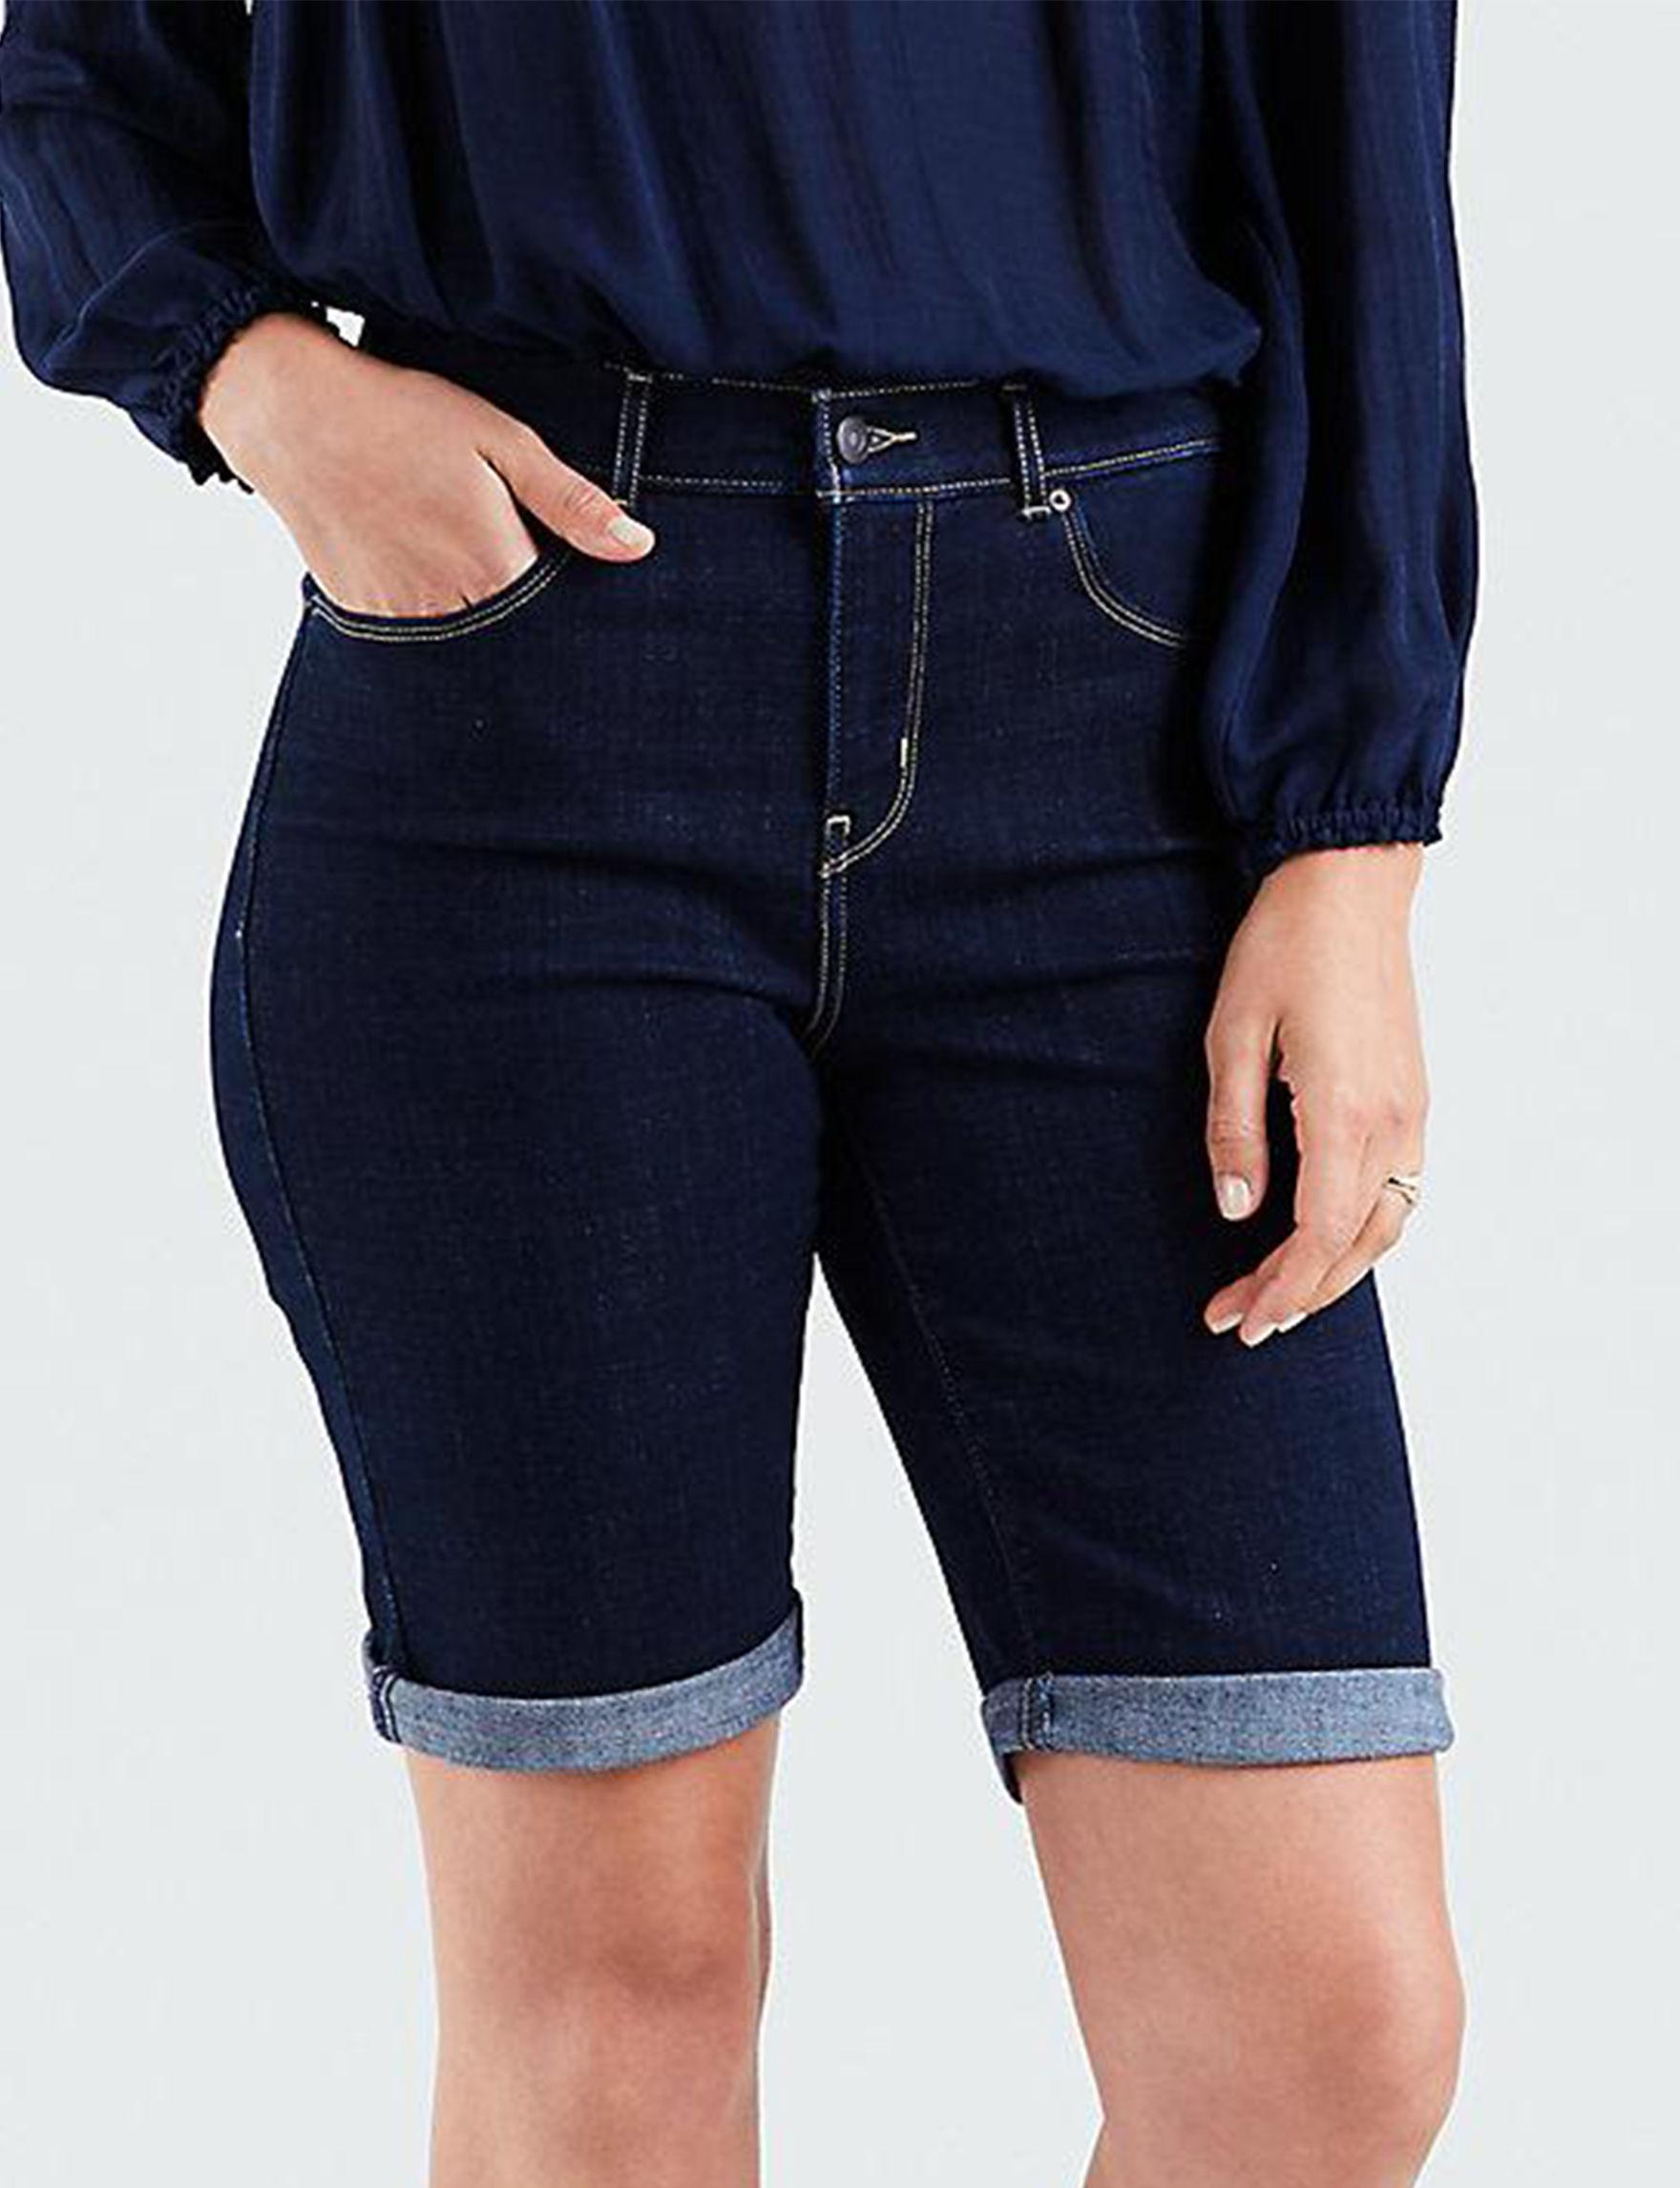 Levi's Dark Blue Bermudas Denim Shorts